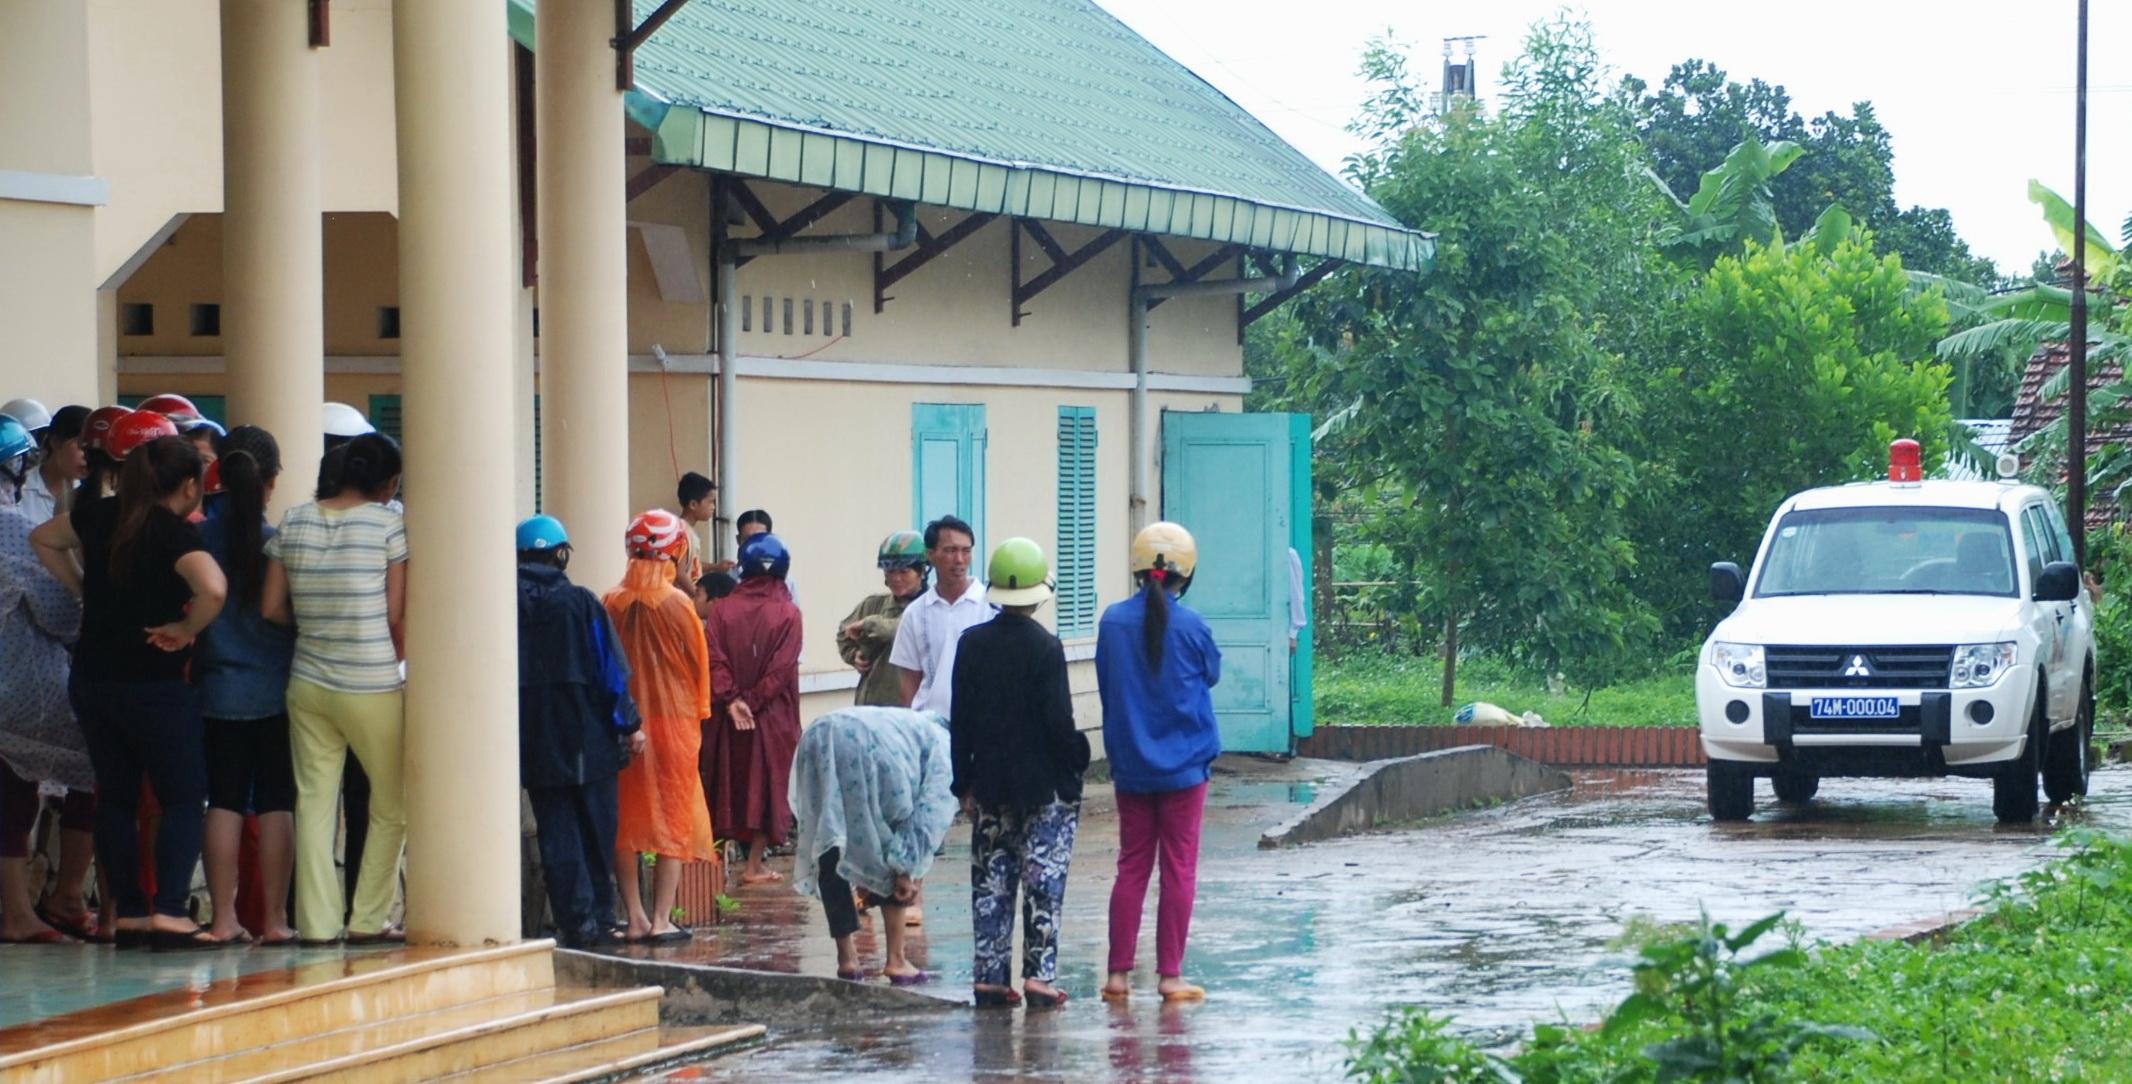 Cháu bé Nguyễn Đình Đạo, 1 trong 3 đứa trẻ sơ sinh tử vong được đưa về nhà.